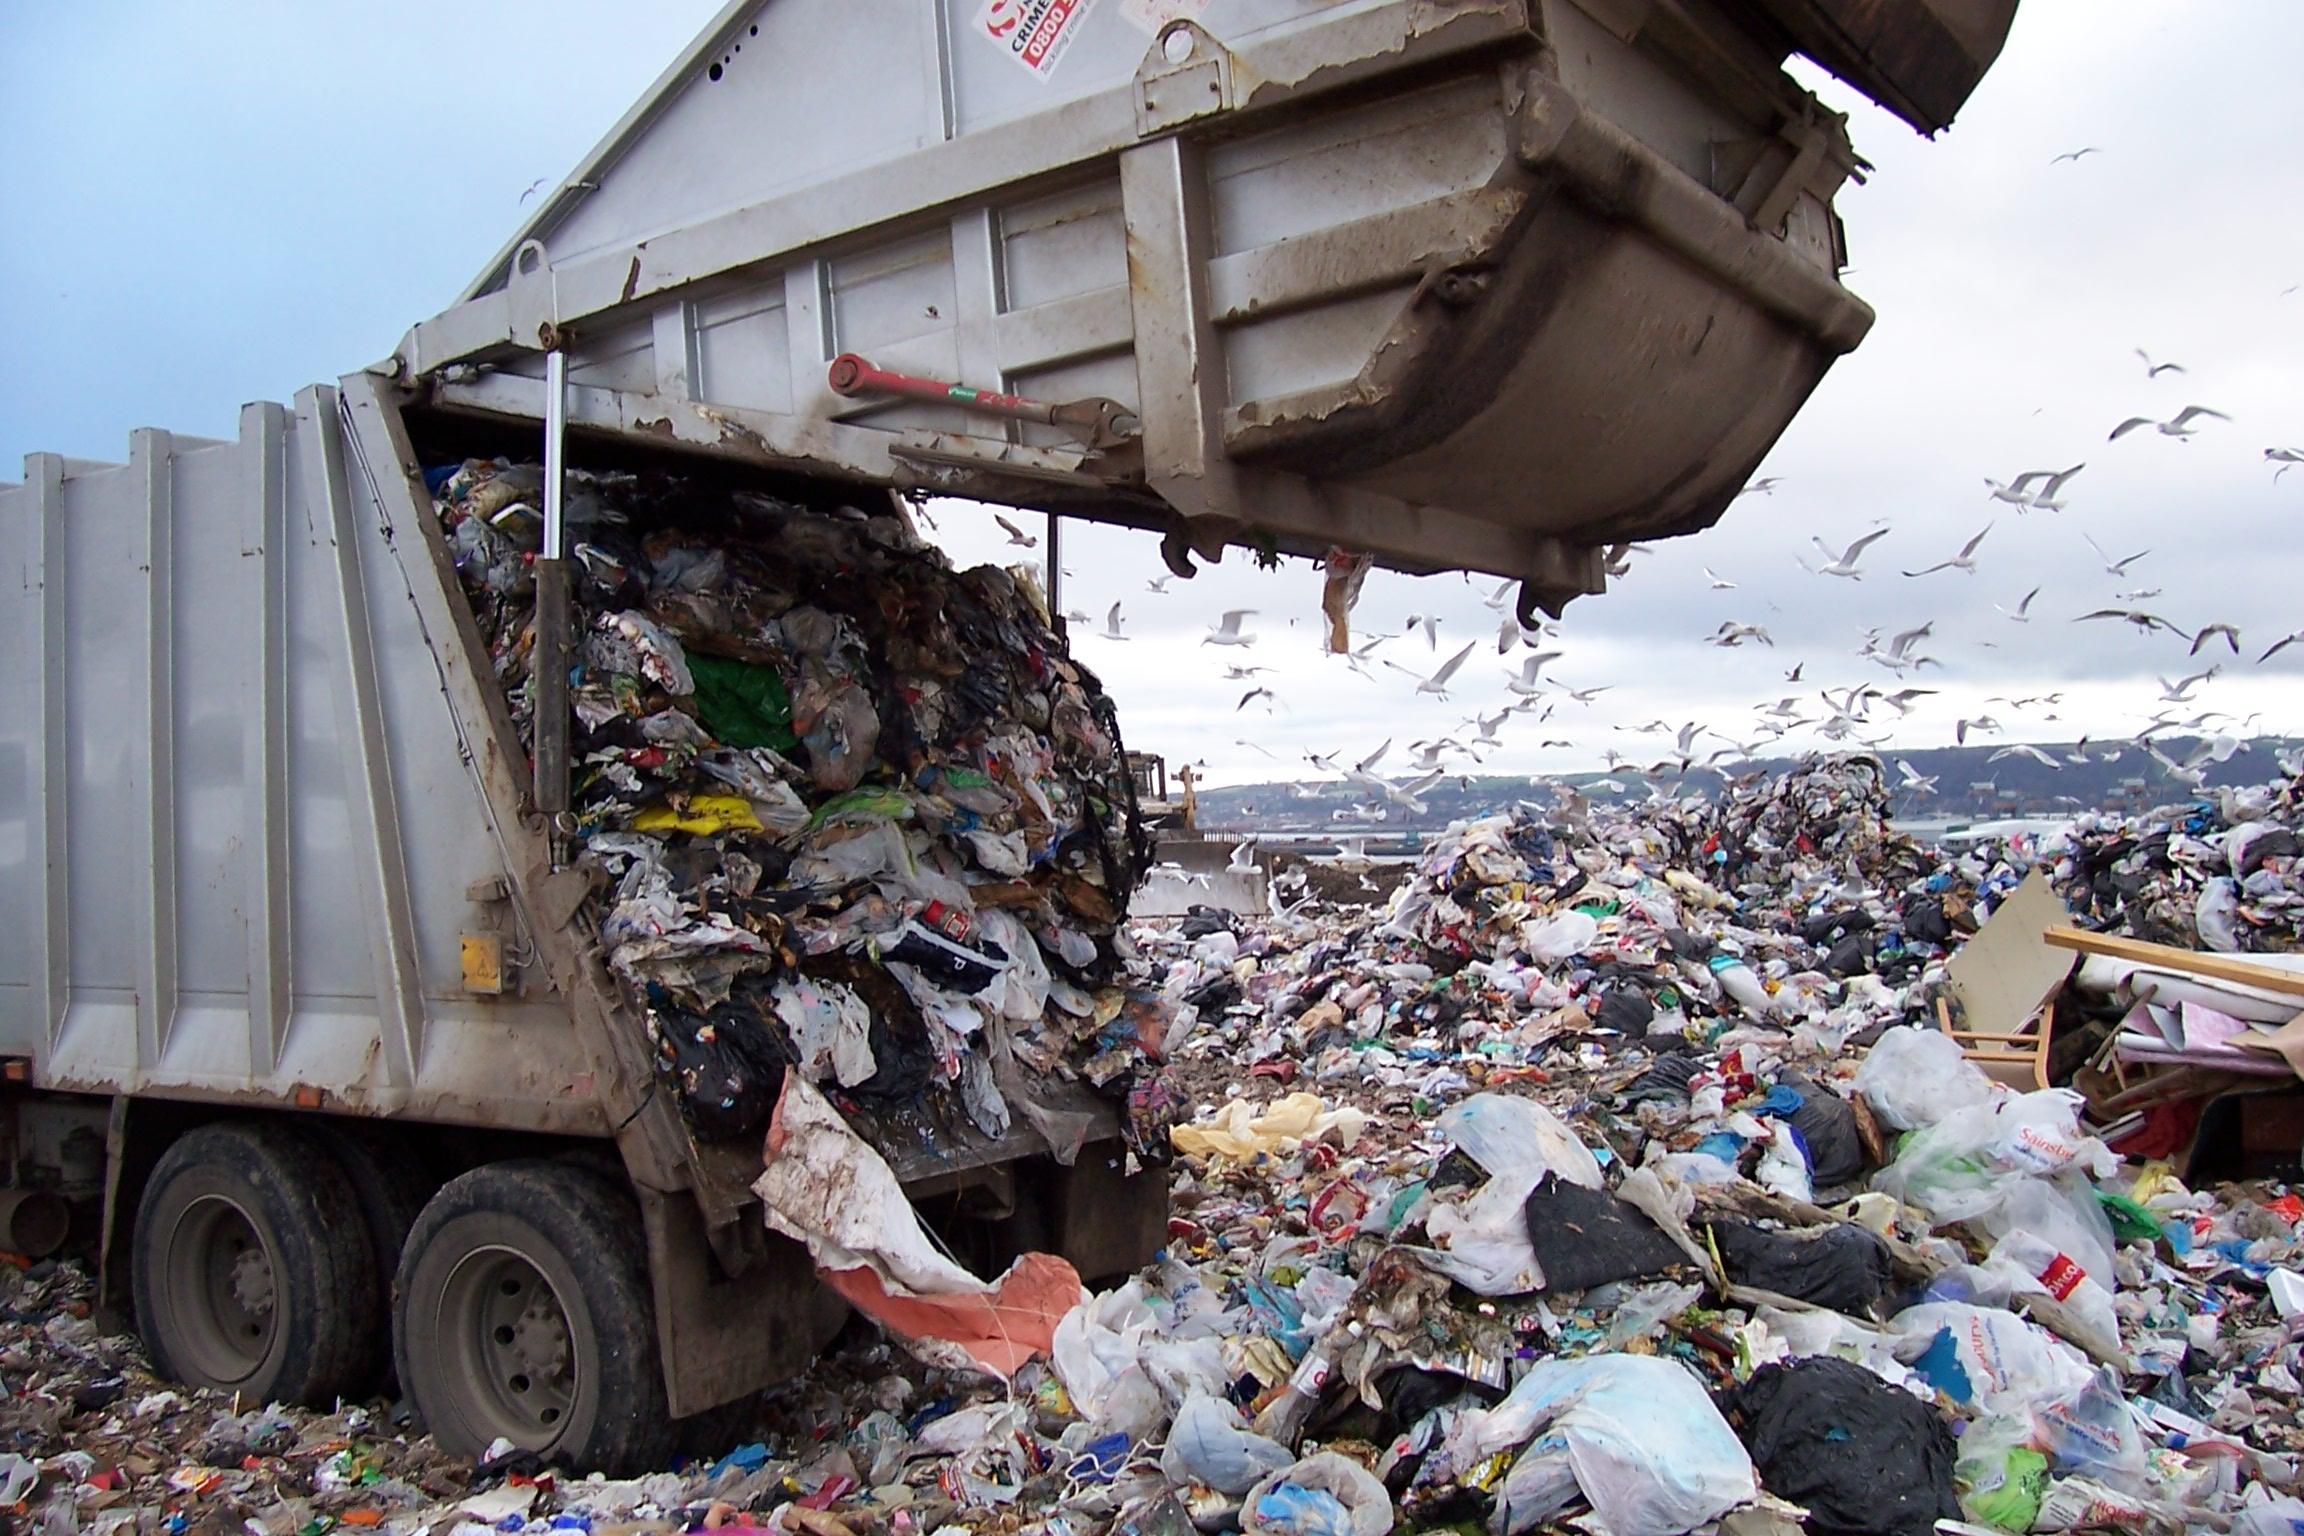 image courtesy of http://blog.lib.umn.edu/evans391/architecture/landfill.jpg